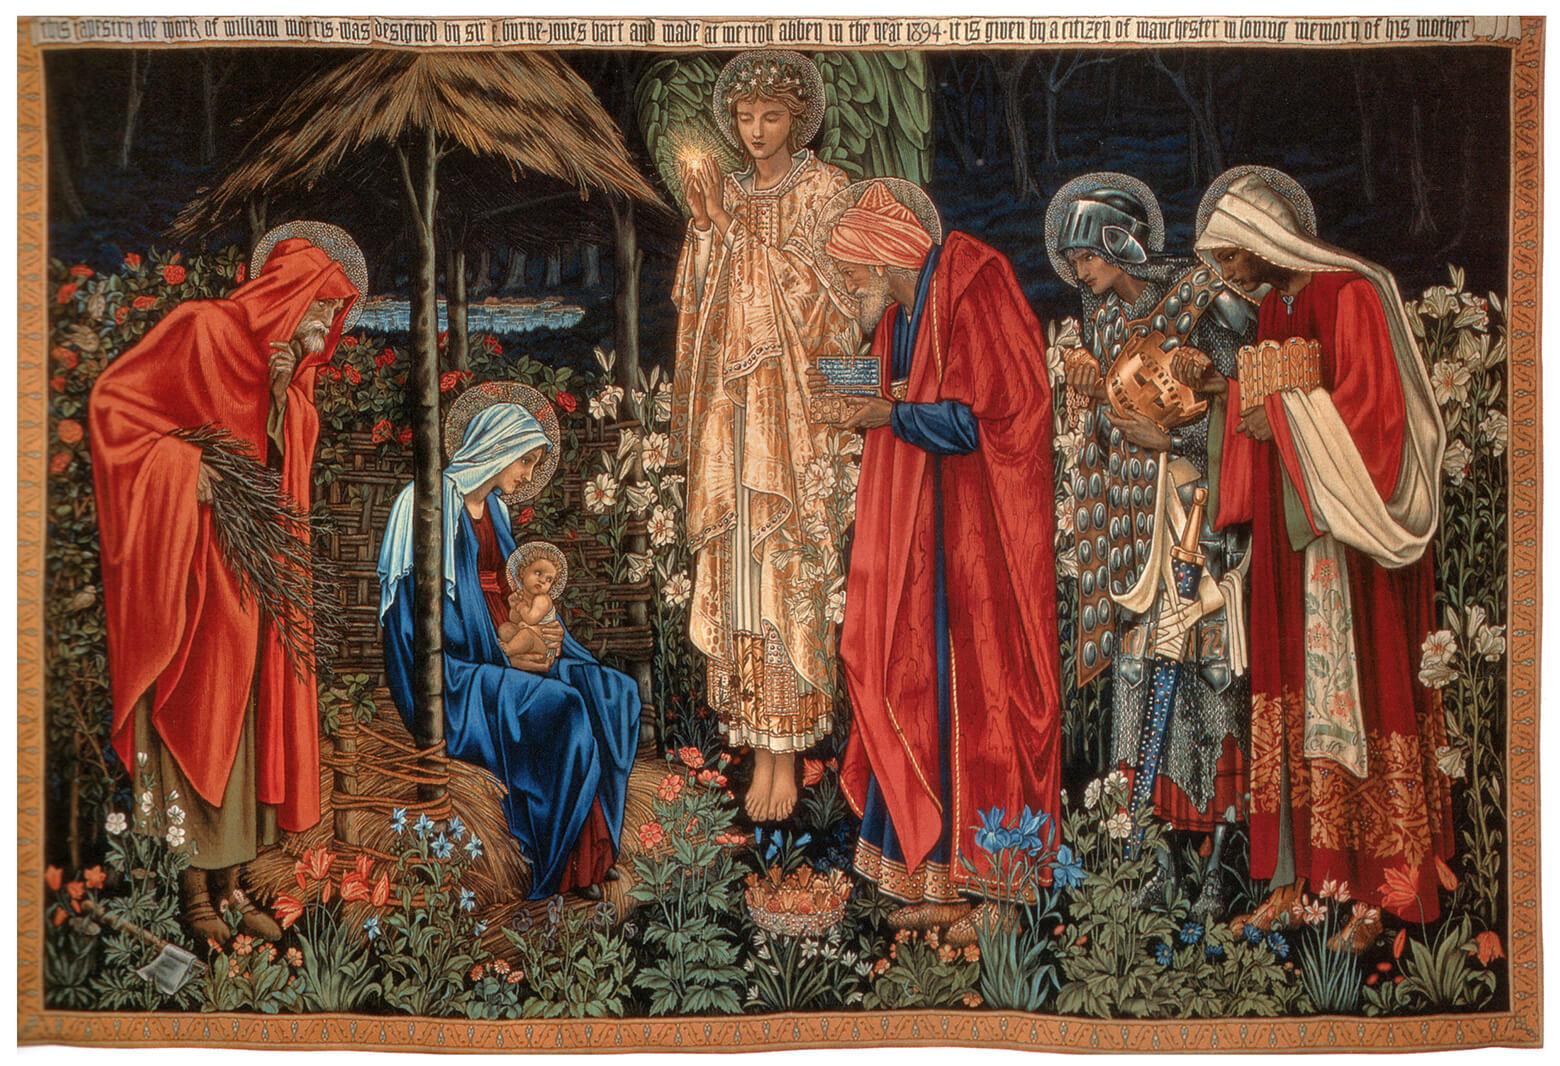 """""""El tapiz de la Adoración de los Magos que data de 1894 de la Universidad Metropolitana de Manchester, Inglaterra. Imagen cortesía de Wikimedia Commons""""."""